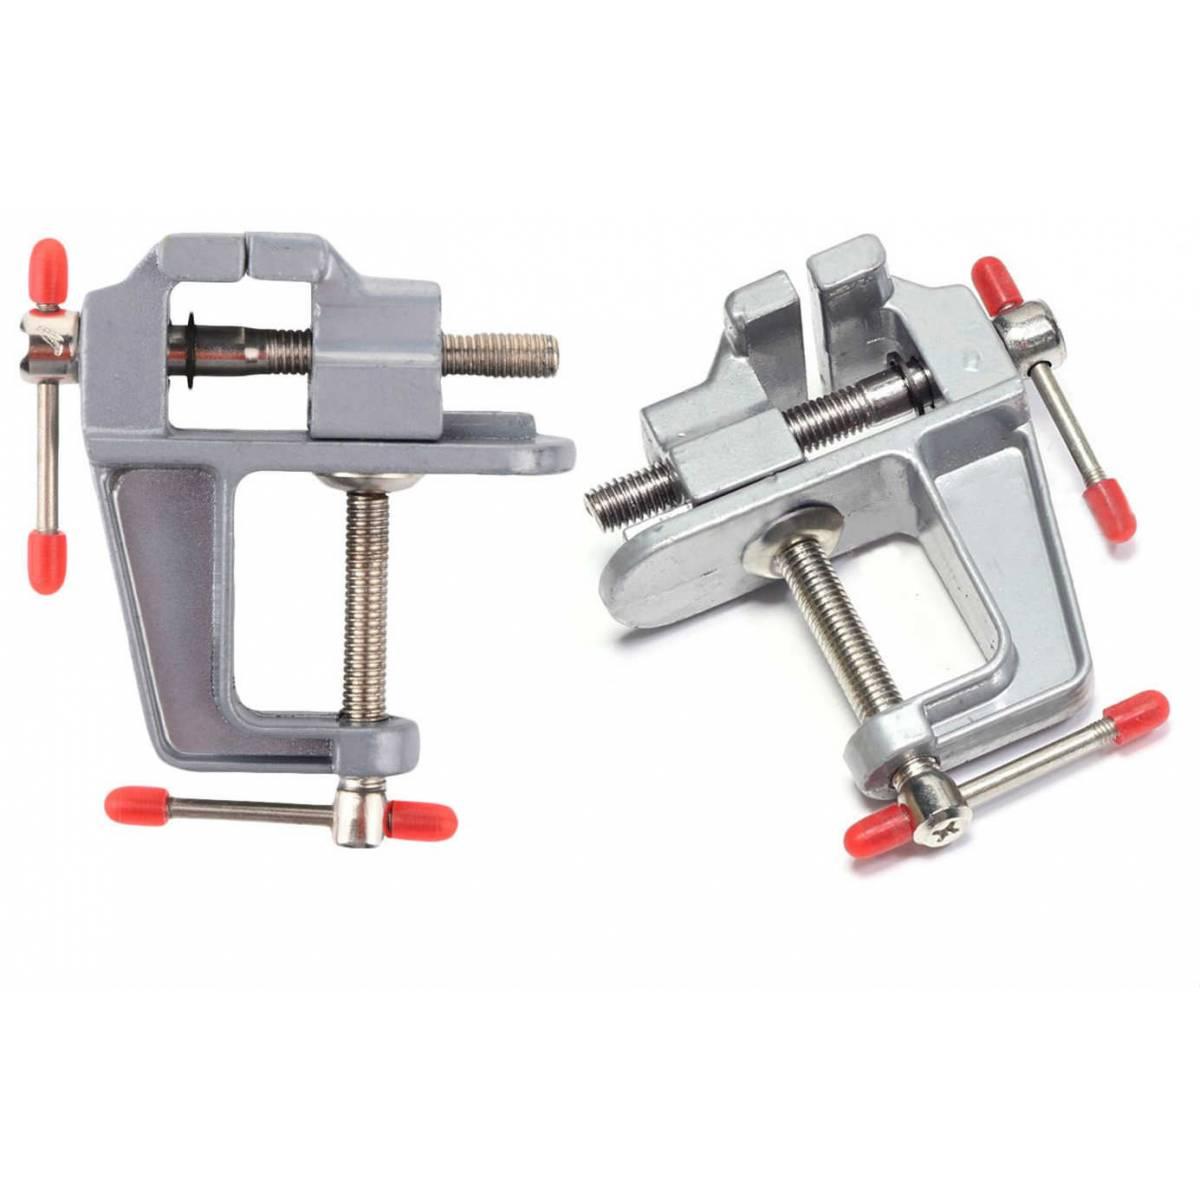 Mini Mengene Aleti Alüminyum Döküm 30 Mm Sıkma İşkence Aleti 3 Cm Sabitleme